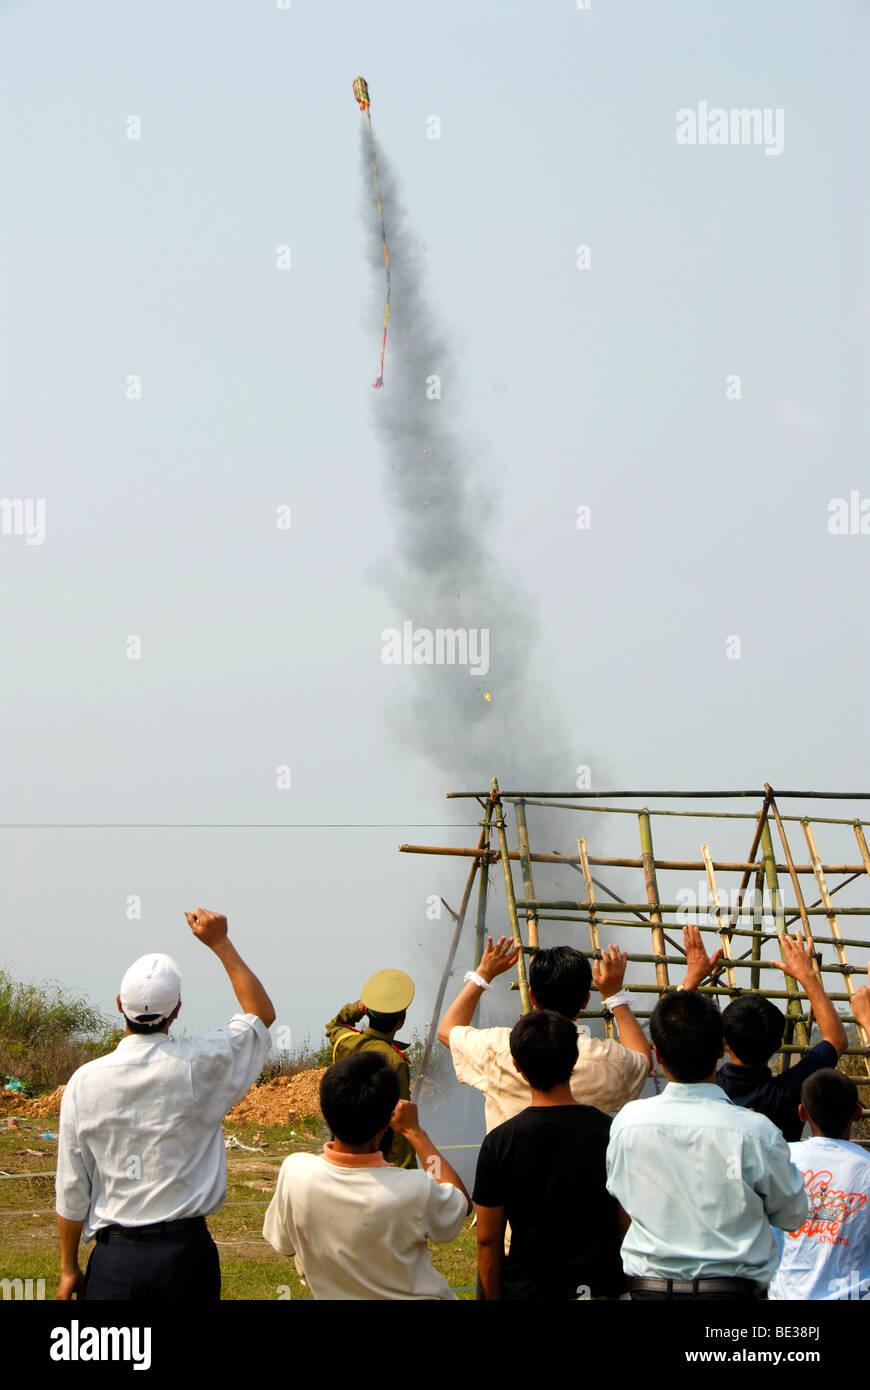 Aumento de cohetes en el cielo poco después del lanzamiento de una plataforma de lanzamiento, la aclamación Imagen De Stock